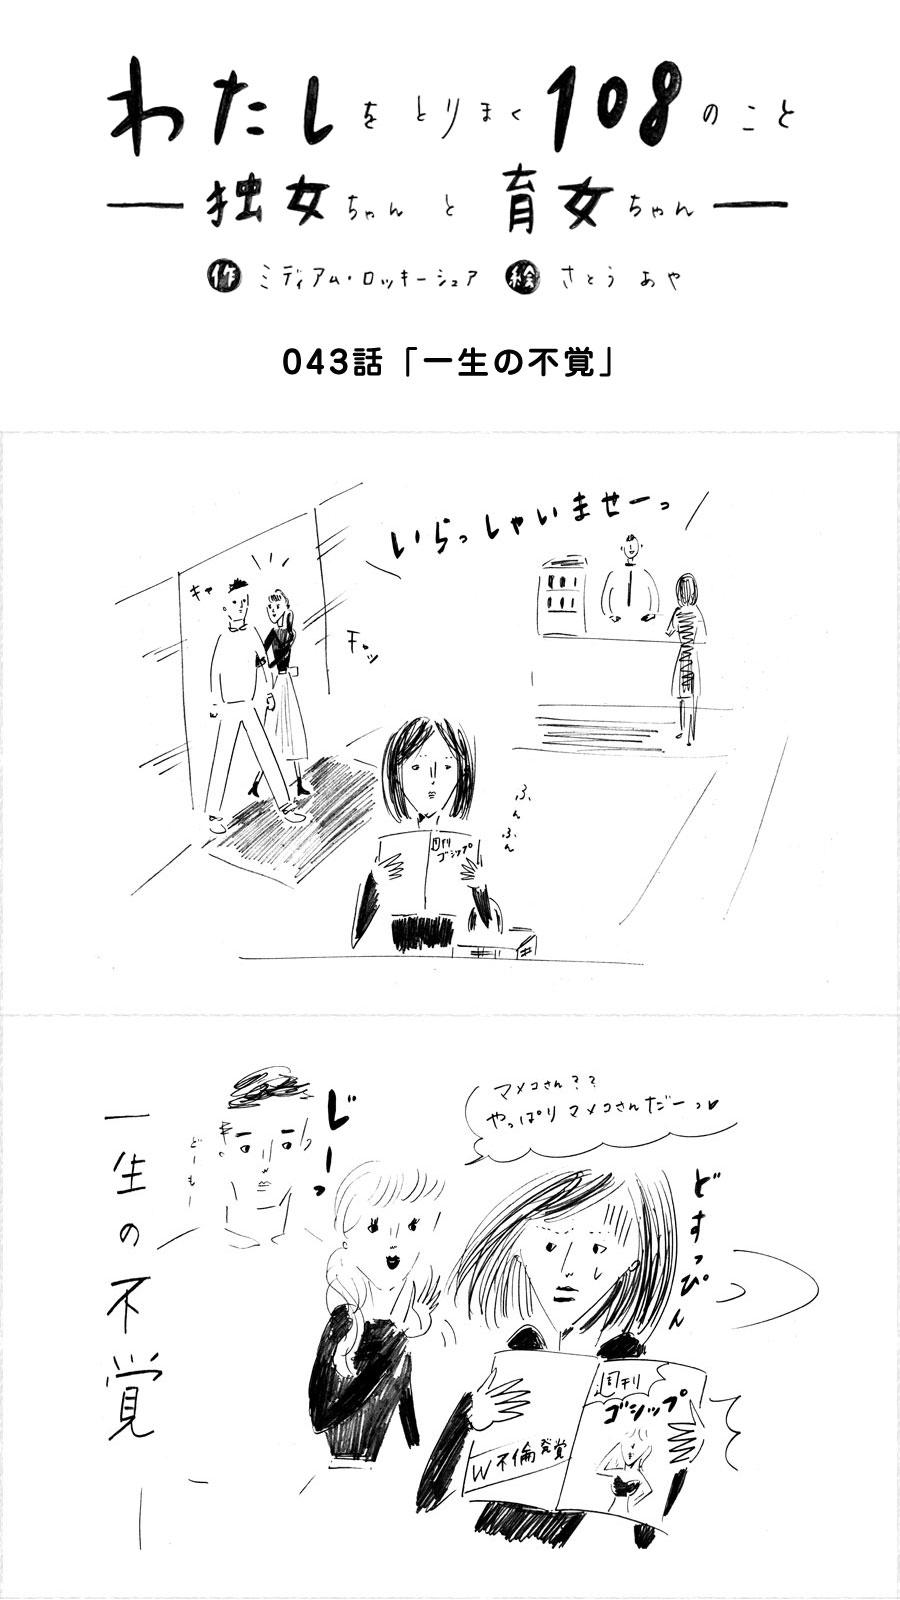 043_一生の不覚_独女ちゃん_000